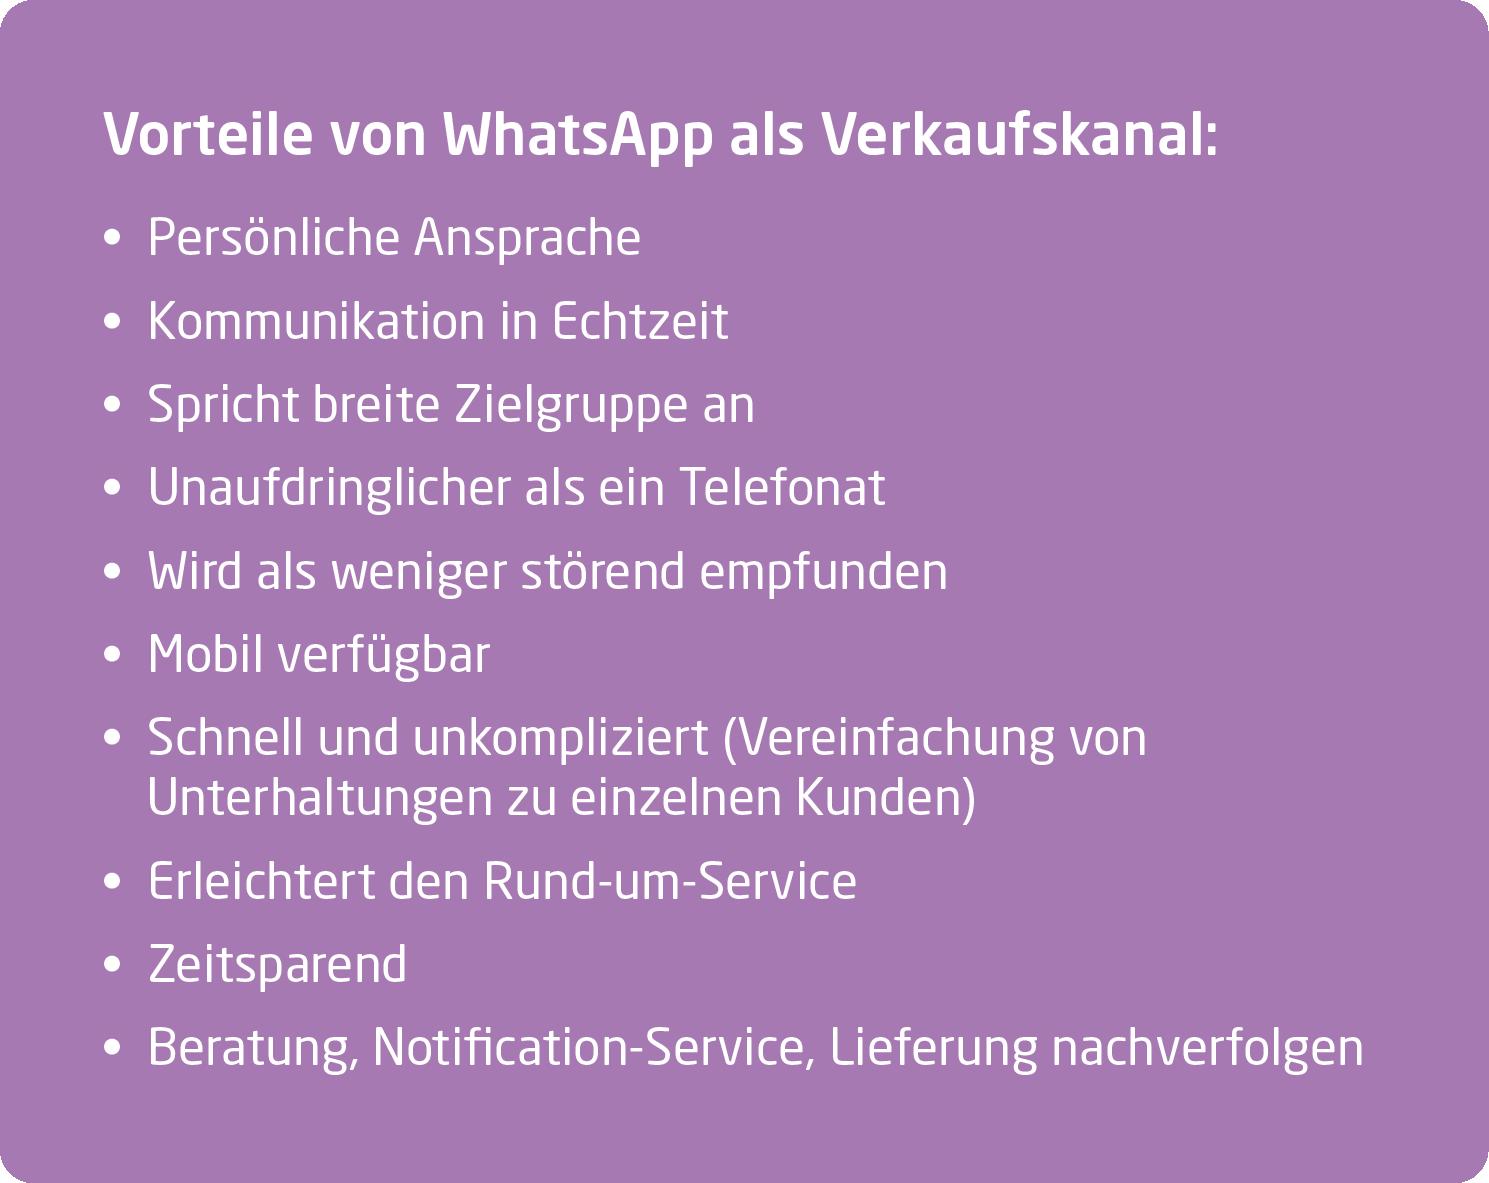 Vorteile WhatsApp als Verkaufskanal